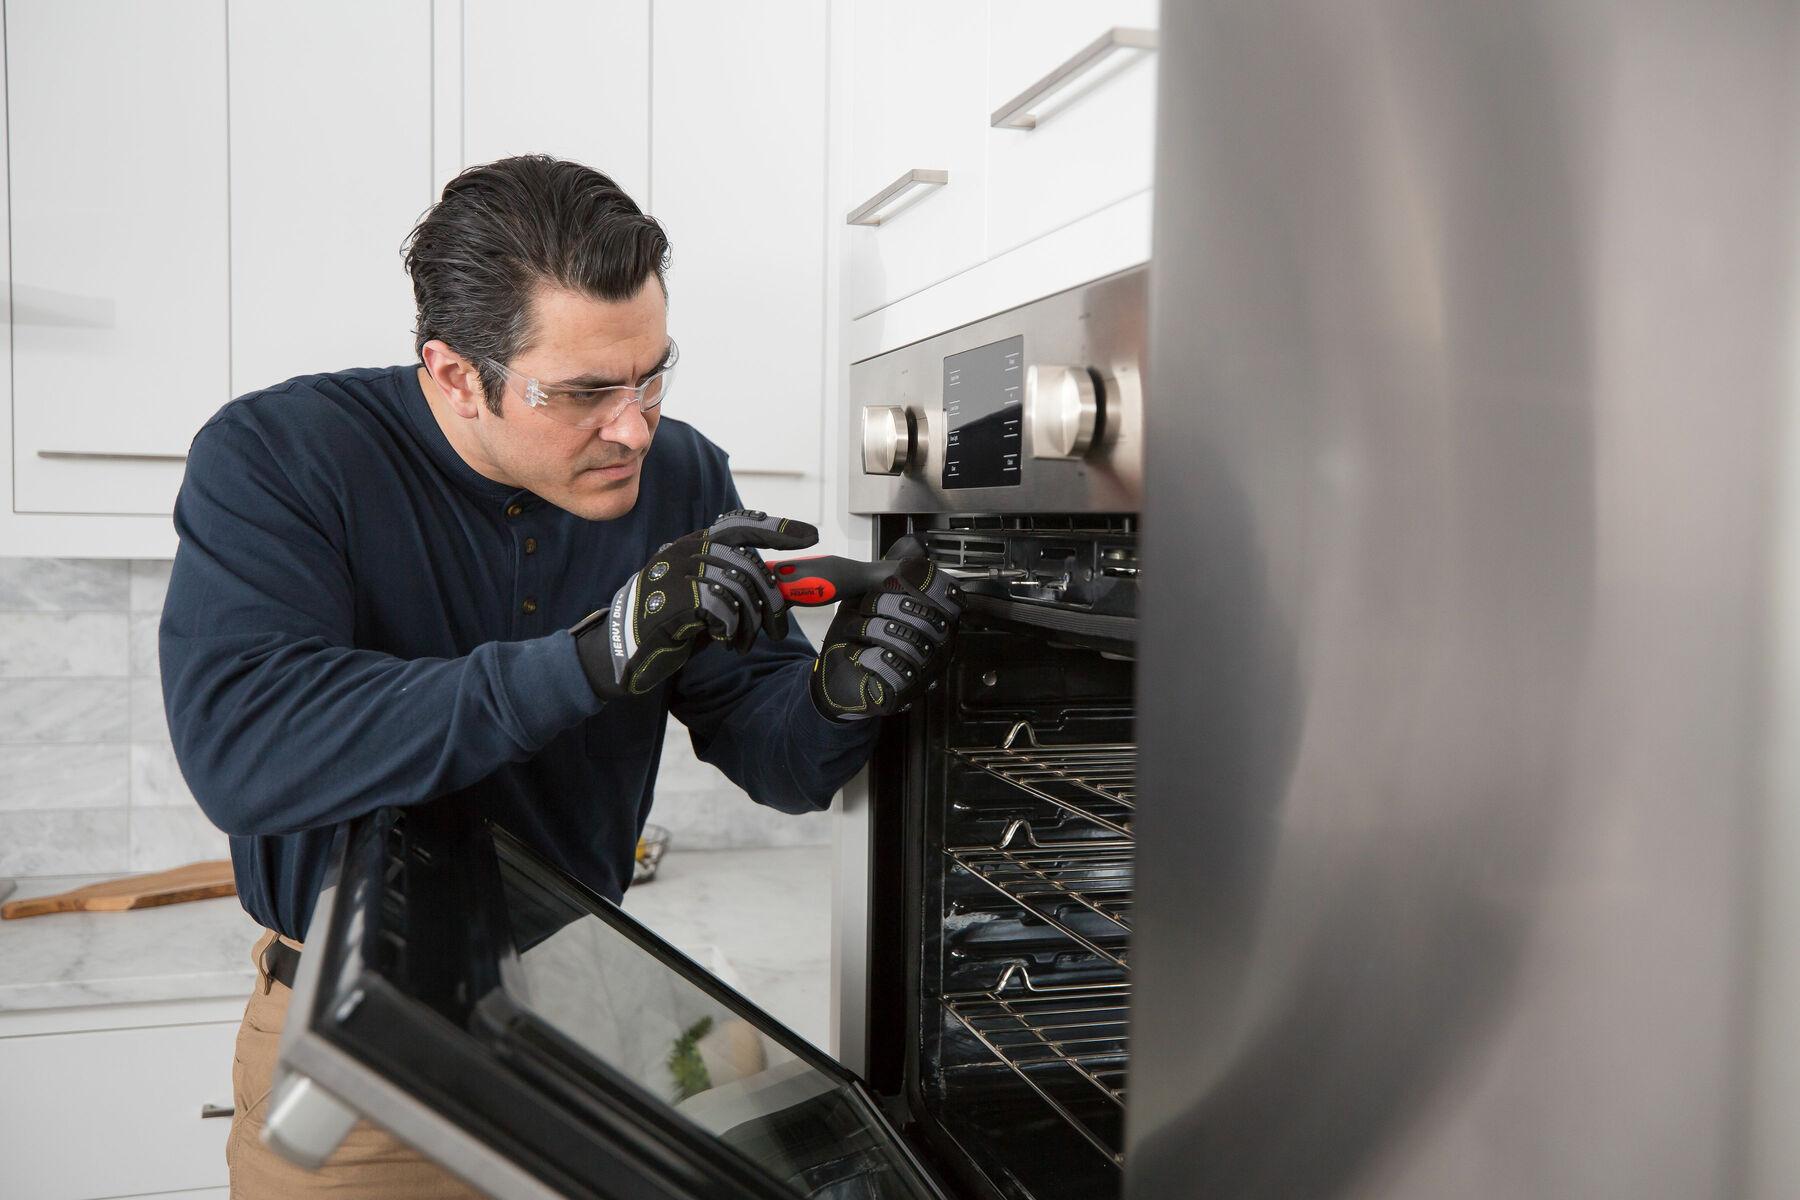 Appliances Image 2